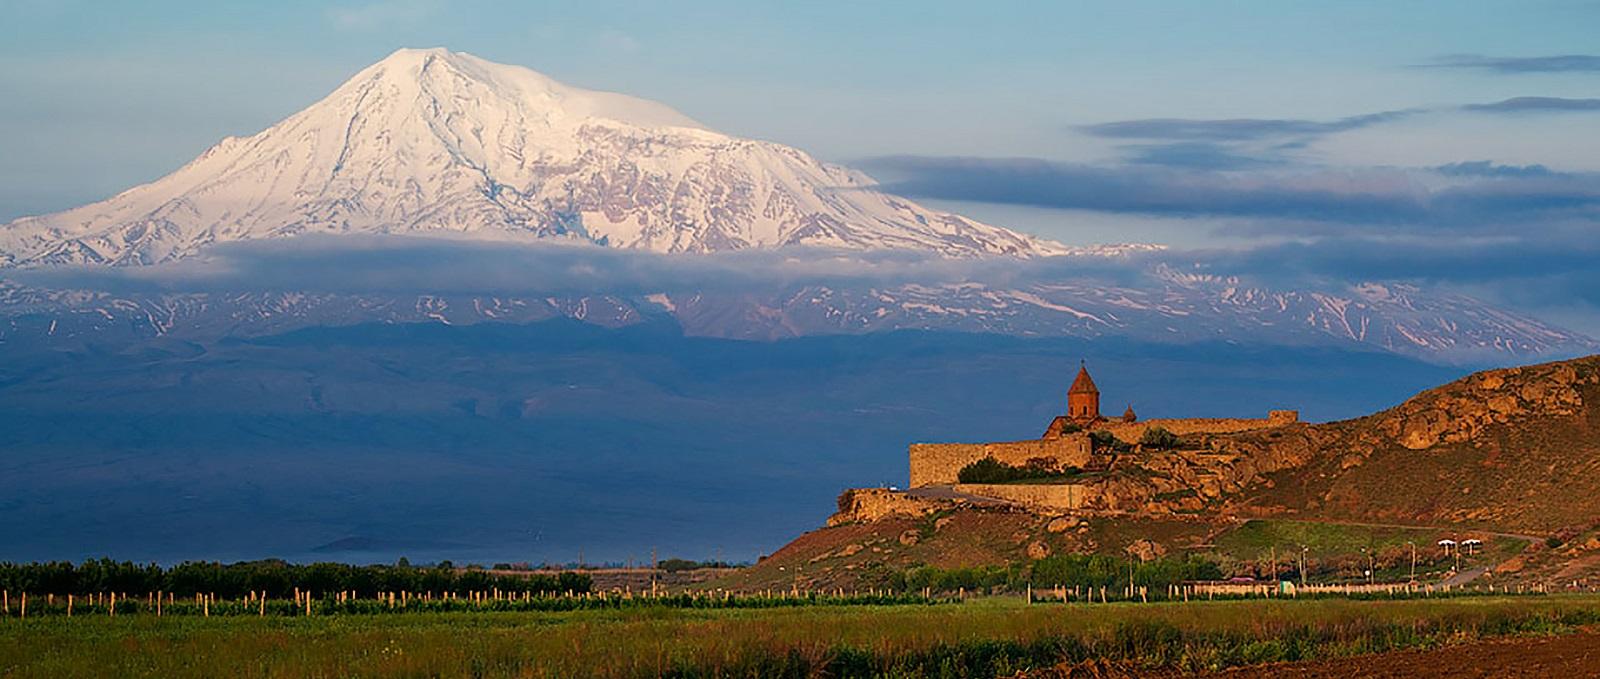 Azerbajdžan, Gruzínsko, Arménsko - cestovateľské rady, tipy a itinerár